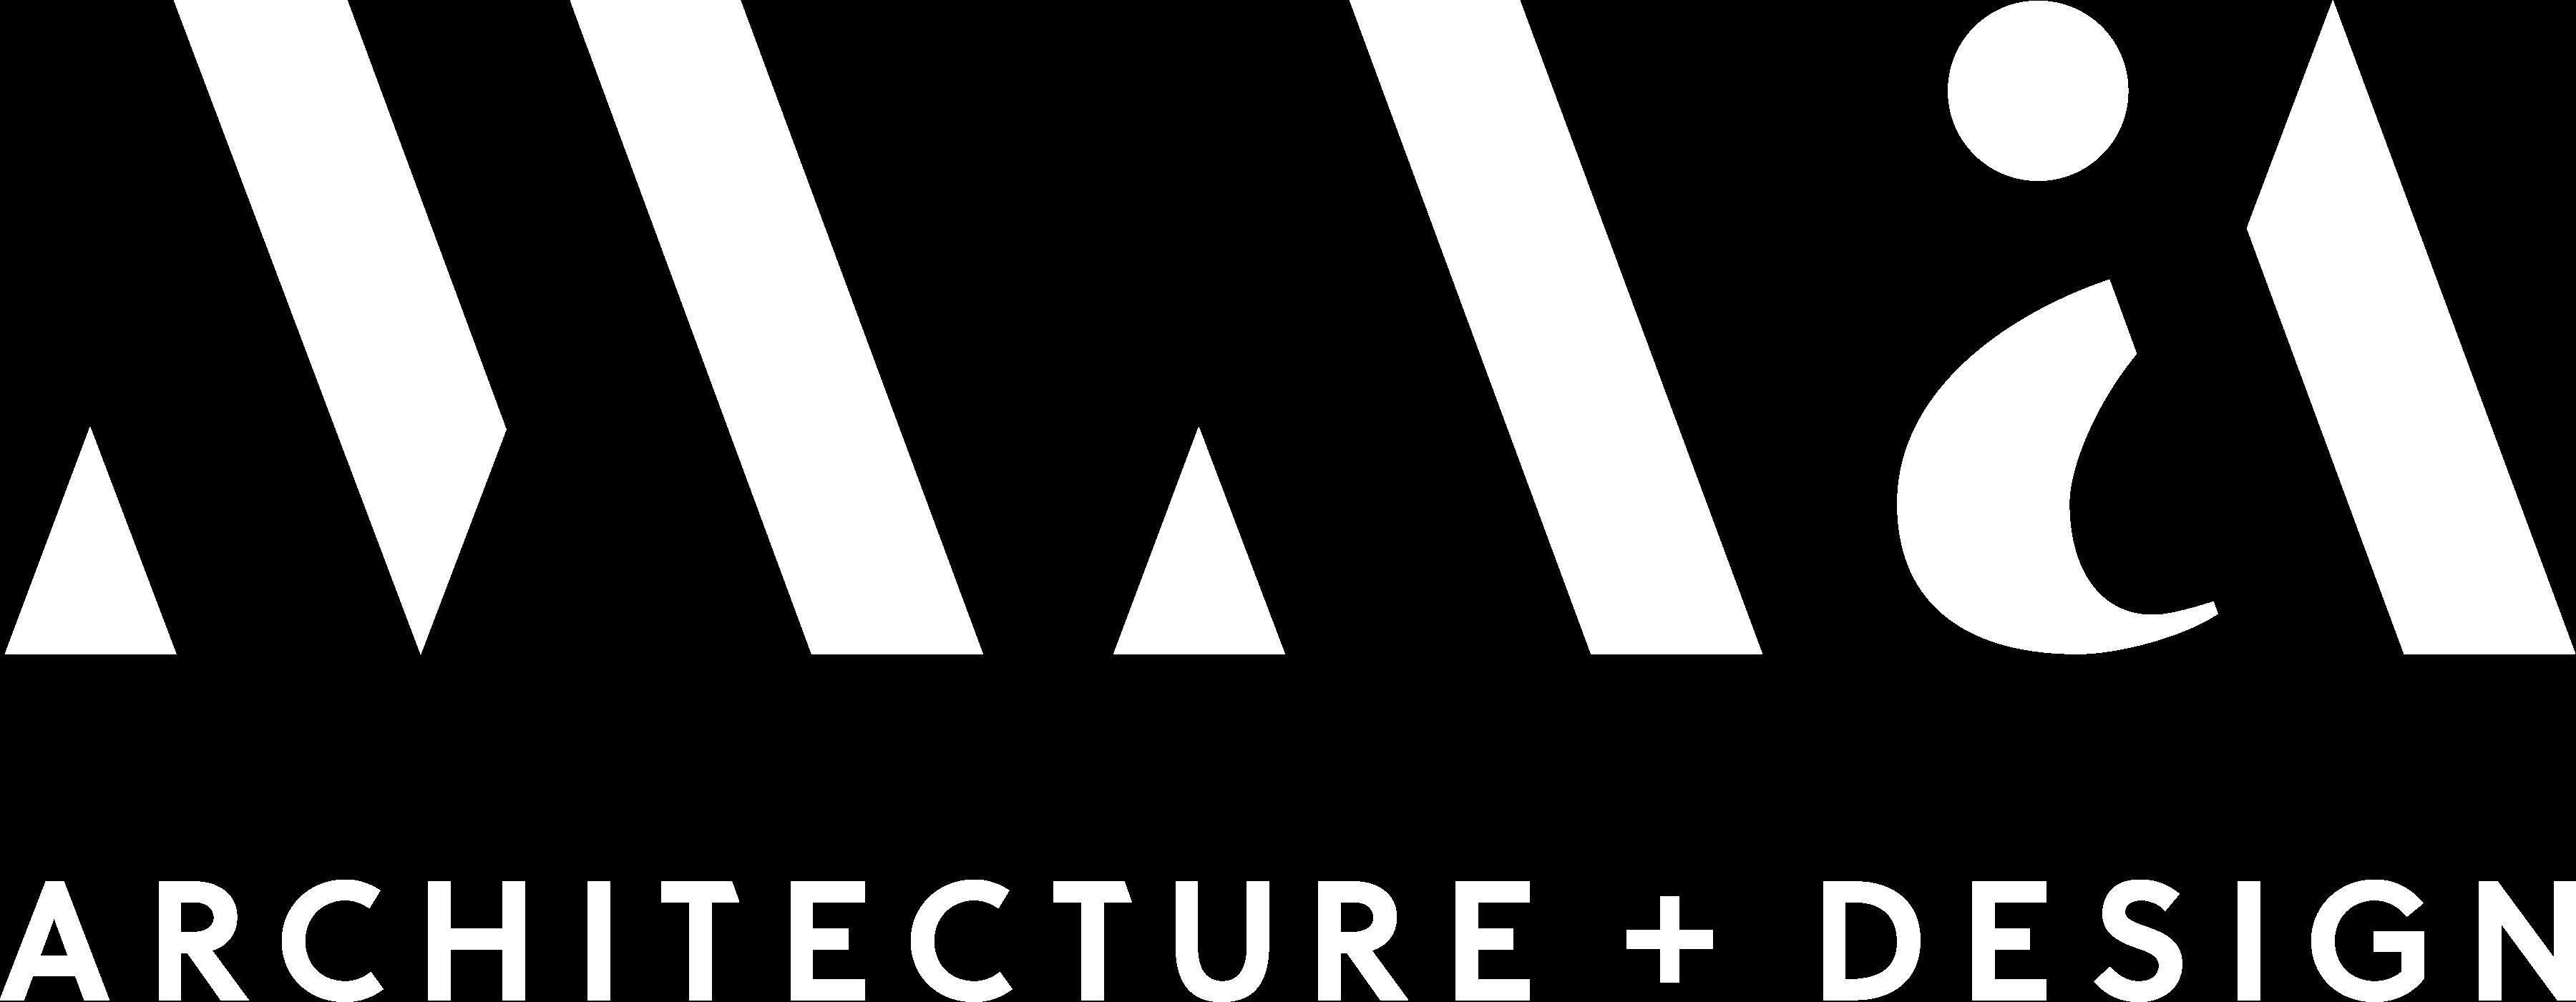 Atelier MAa